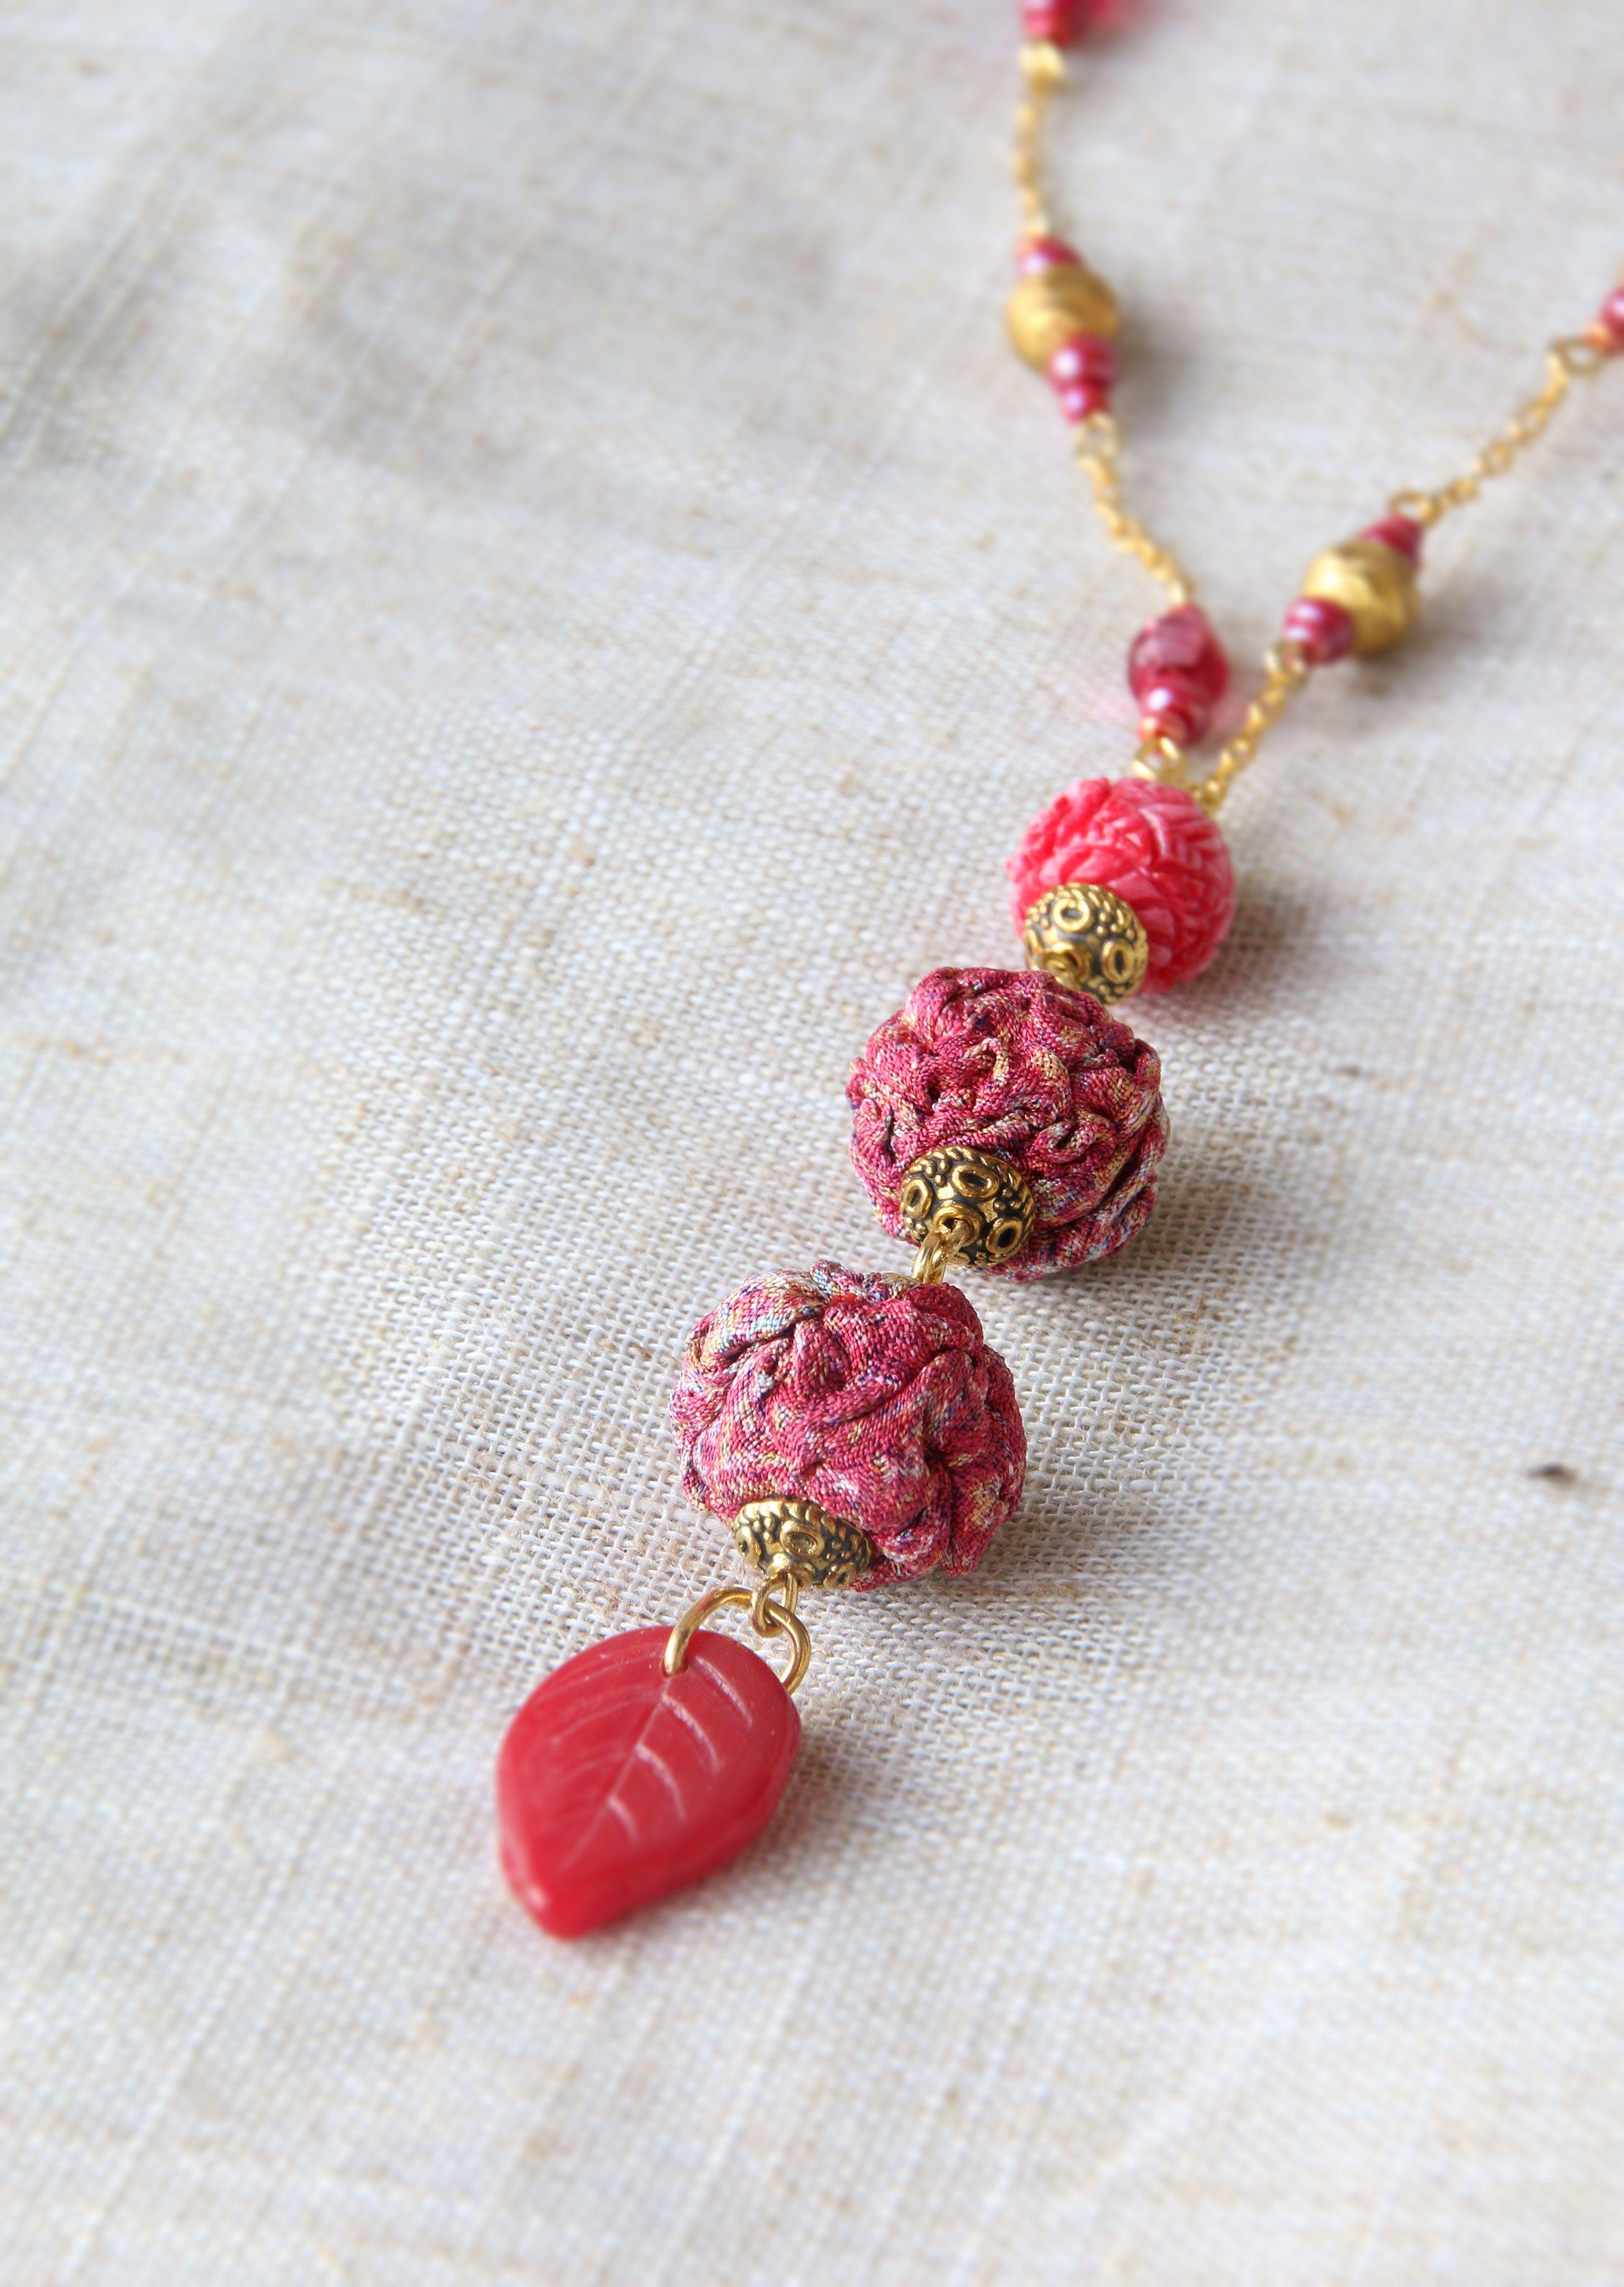 кулон темнорозовый пестрые брусничный авторский подвес золотистый текстильные красный бусины длинный